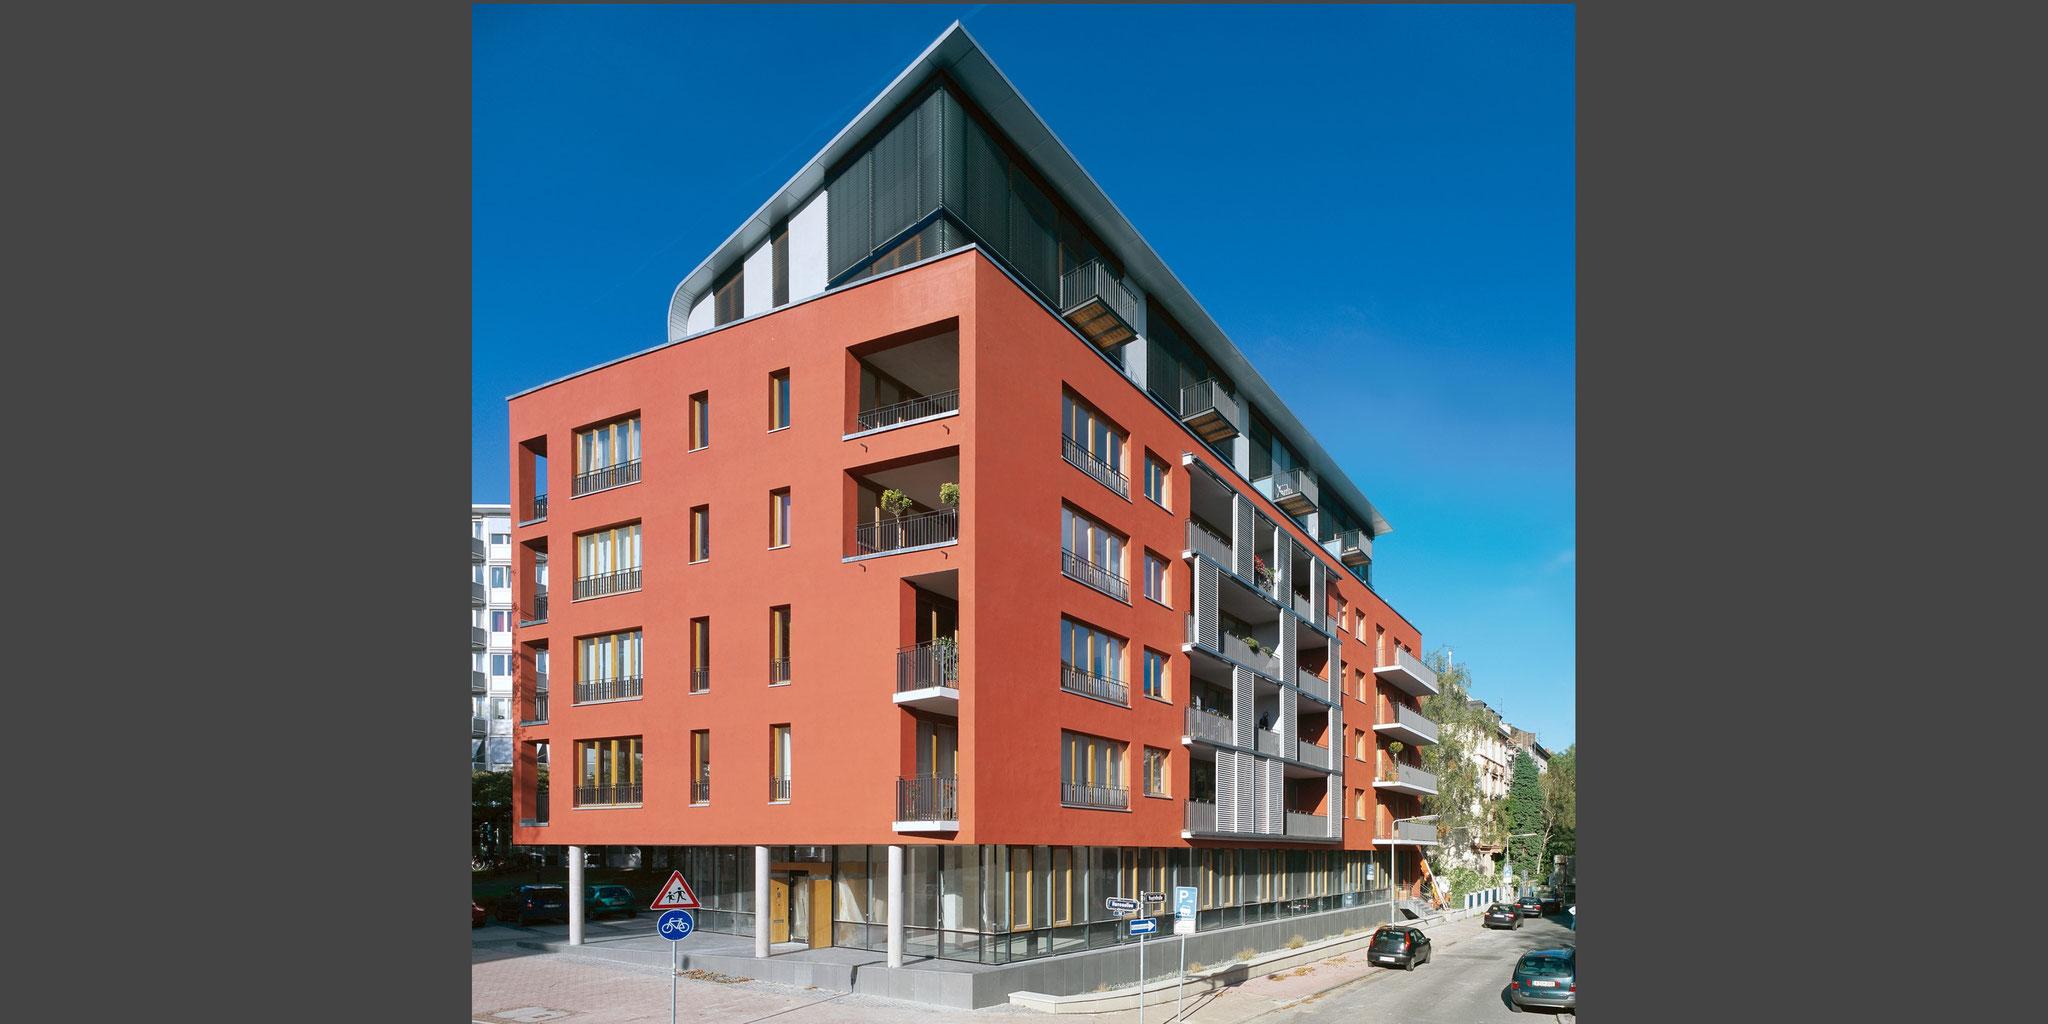 Neubau Wohn- und Bürohaus – Frankfurt am Main Westend, Frick.Reichert Architekten